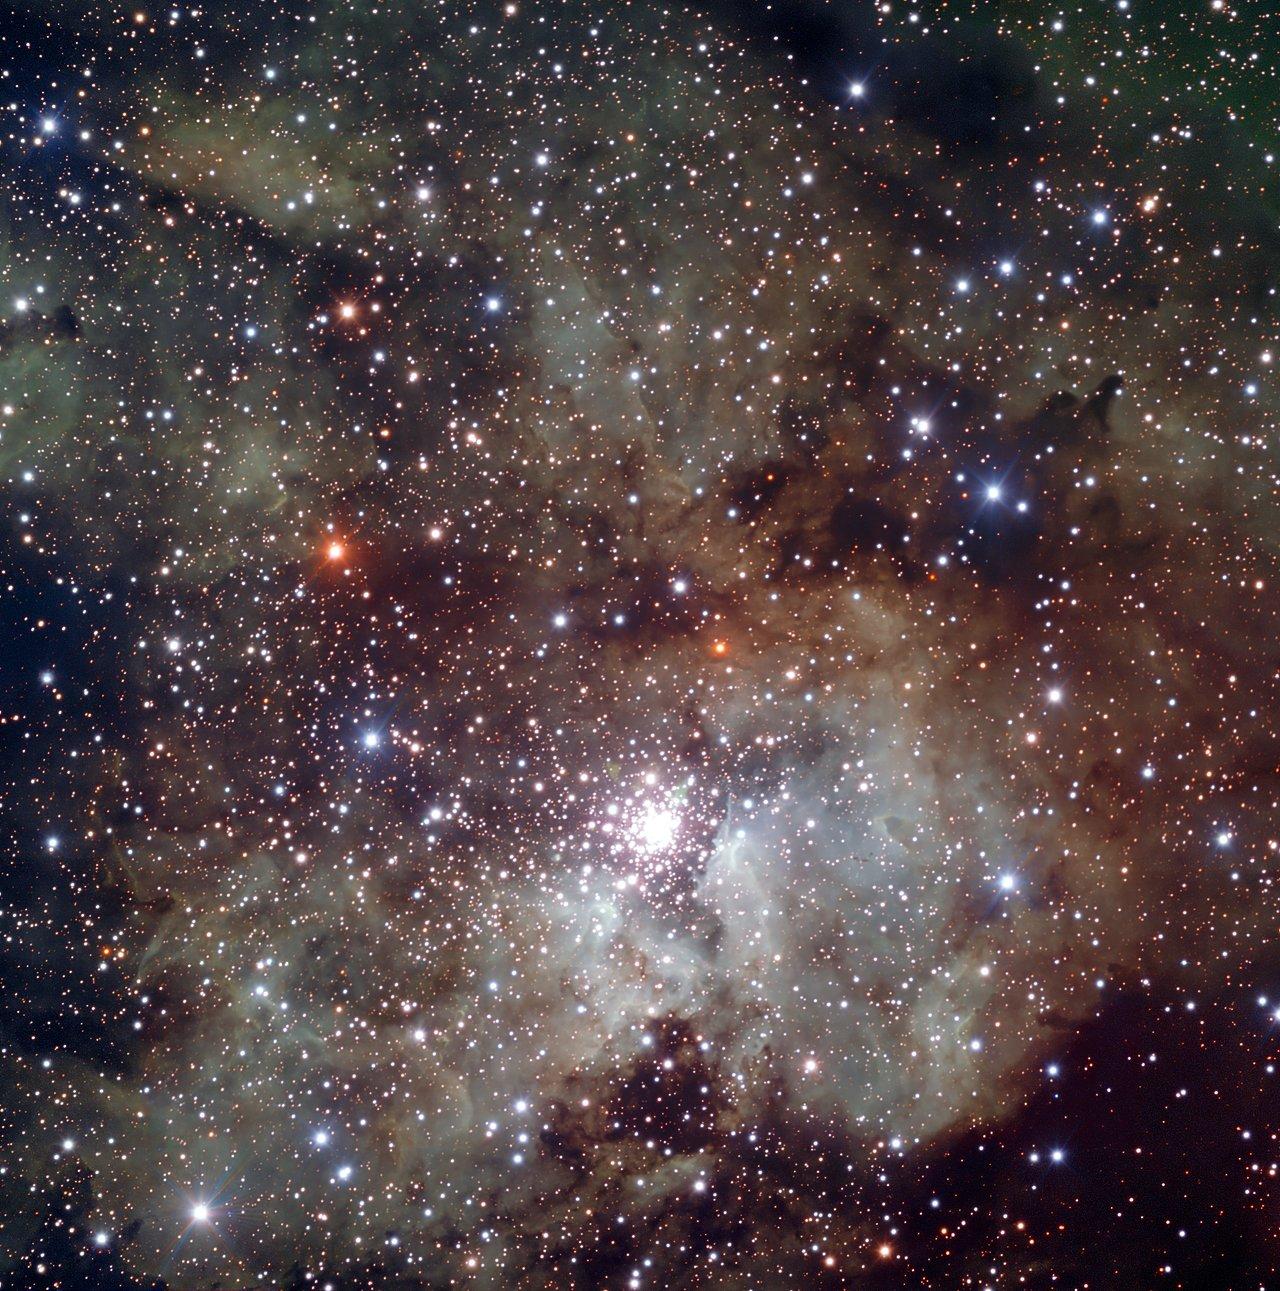 Mounted image 129: Stellar nursery NGC 3603